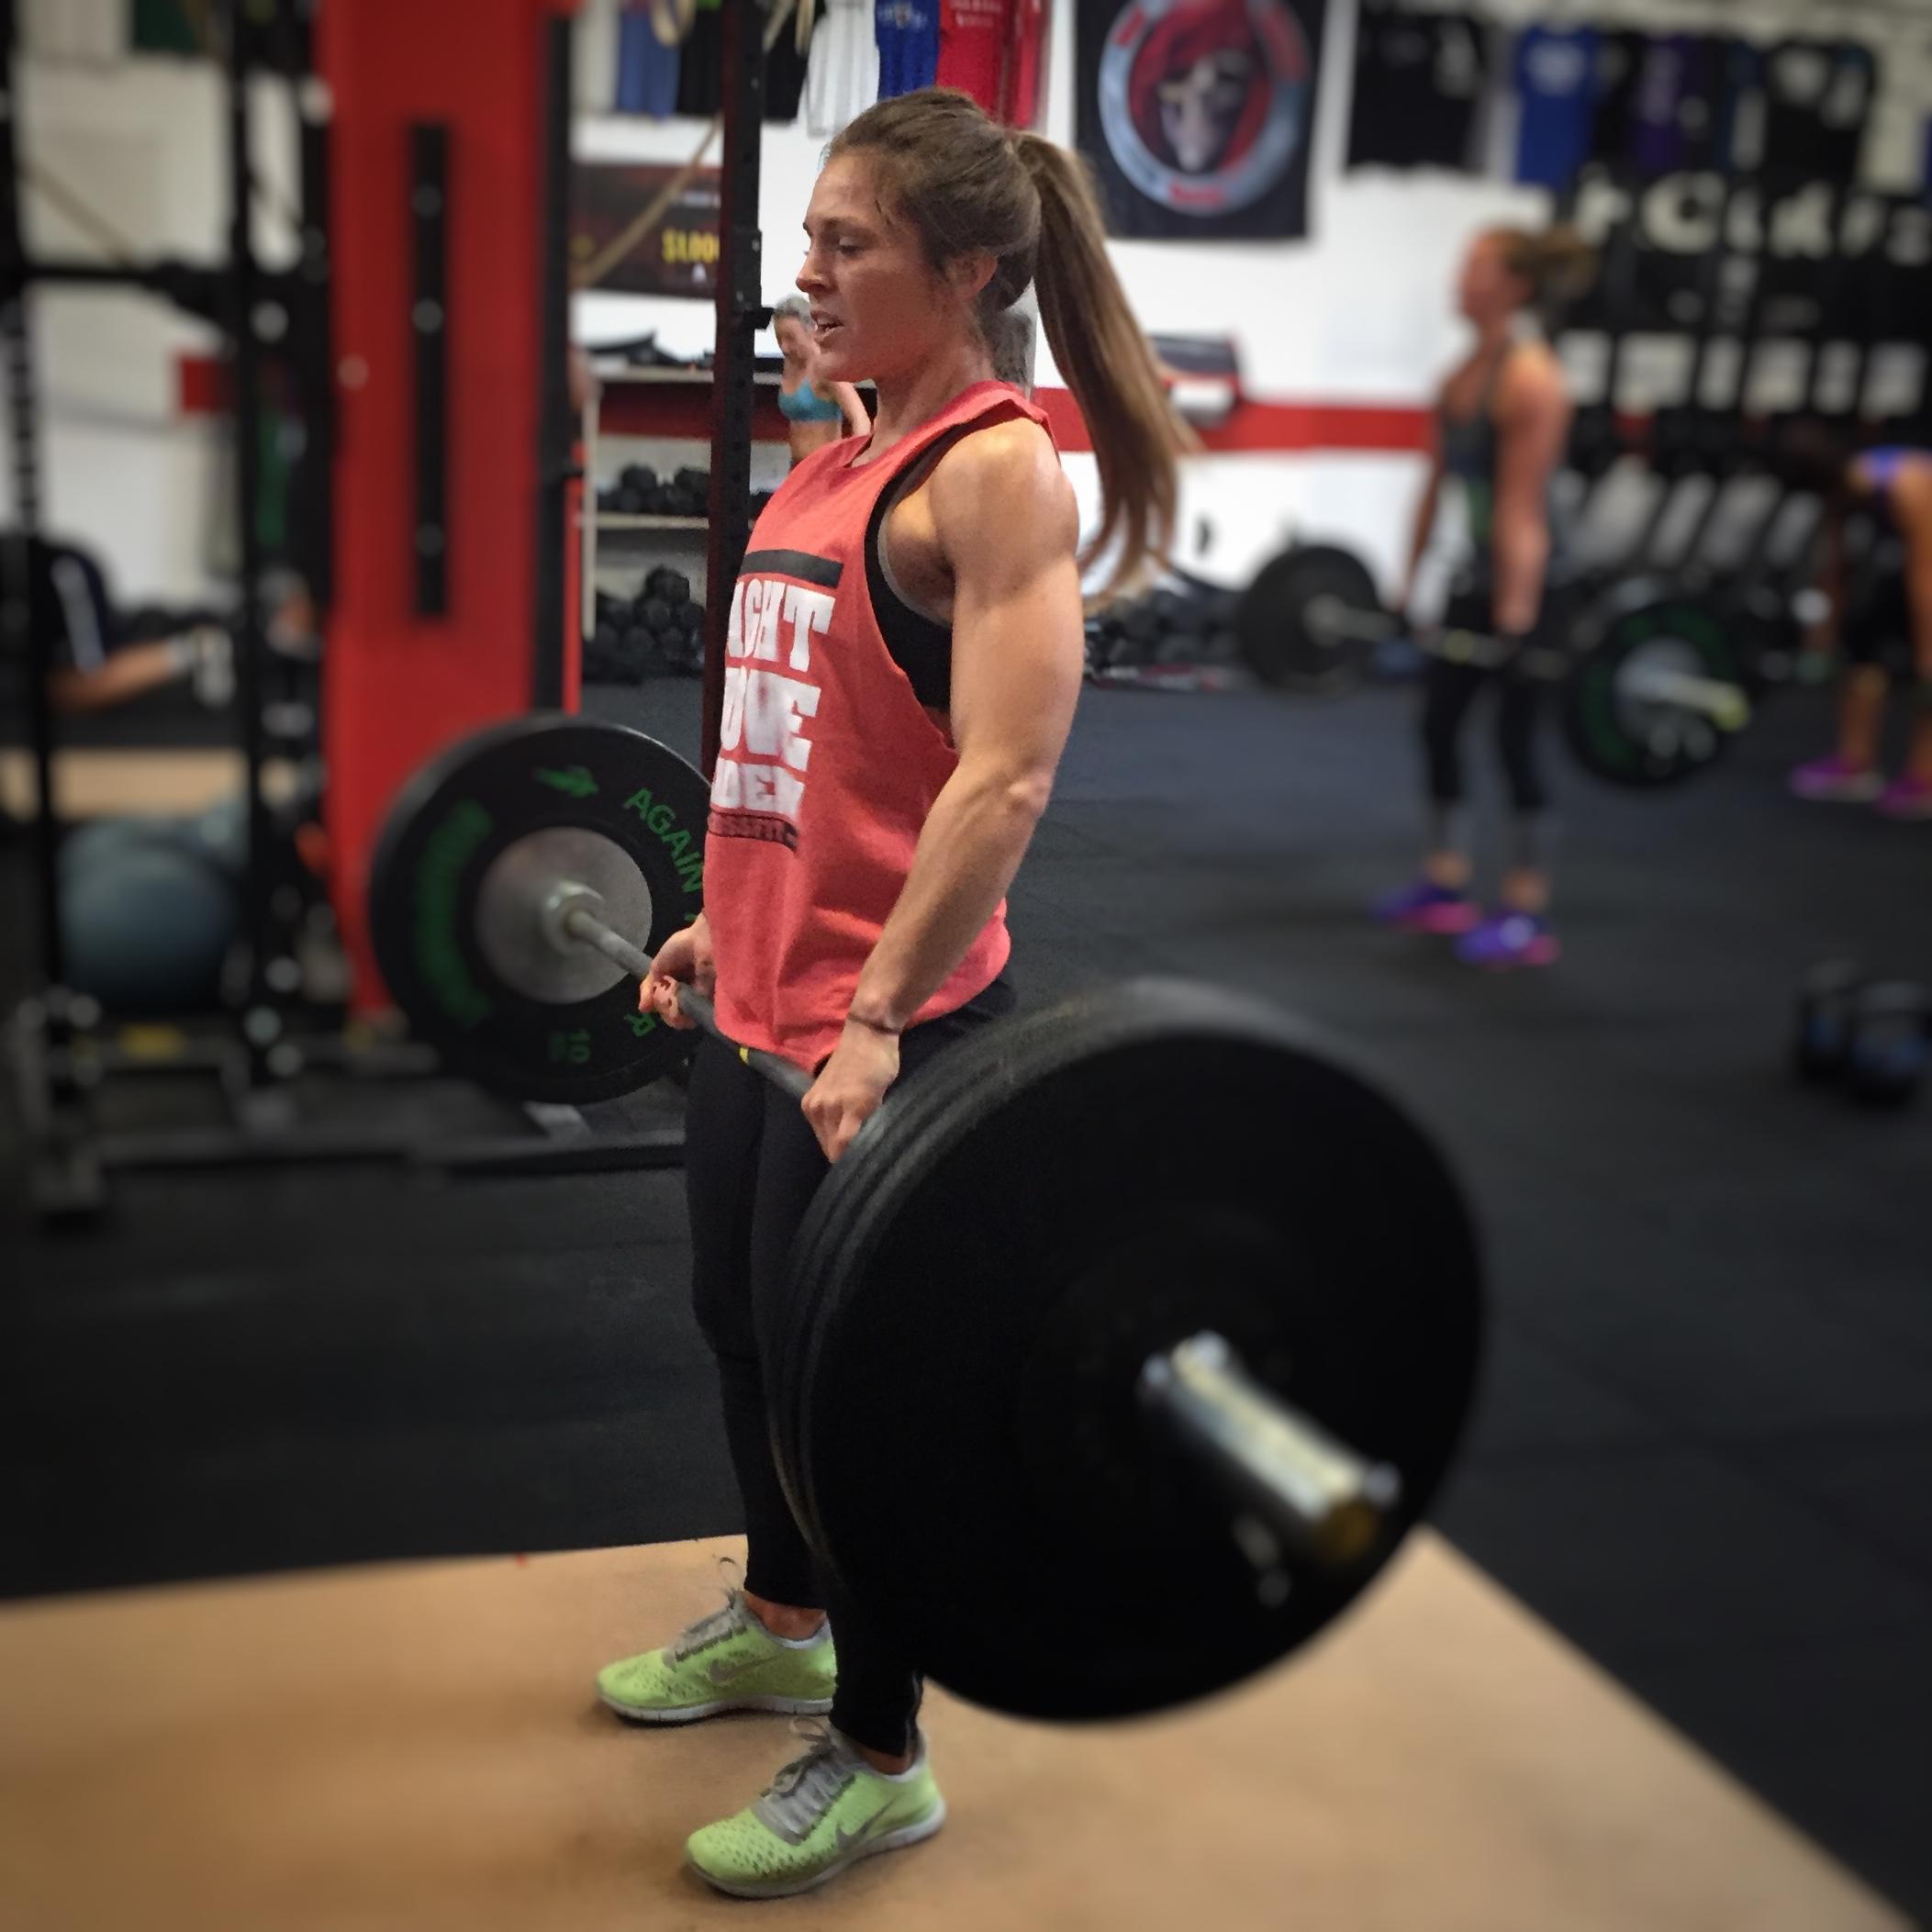 CrossFit Le Rouge Compete heavy day back squat shoulder press deadlift